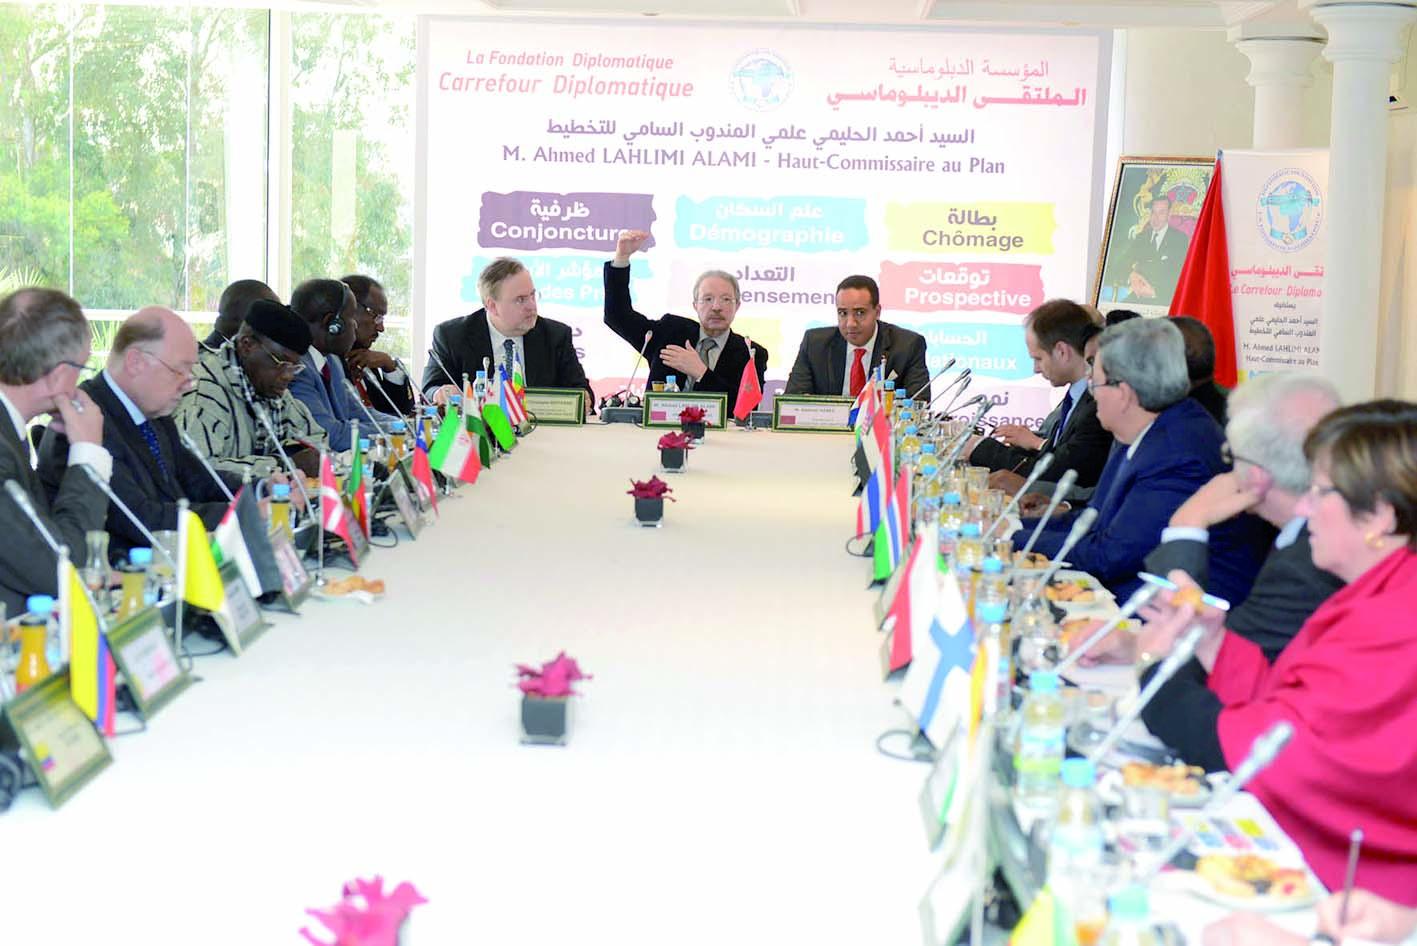 L'avenir du Marocen débatà Rabat